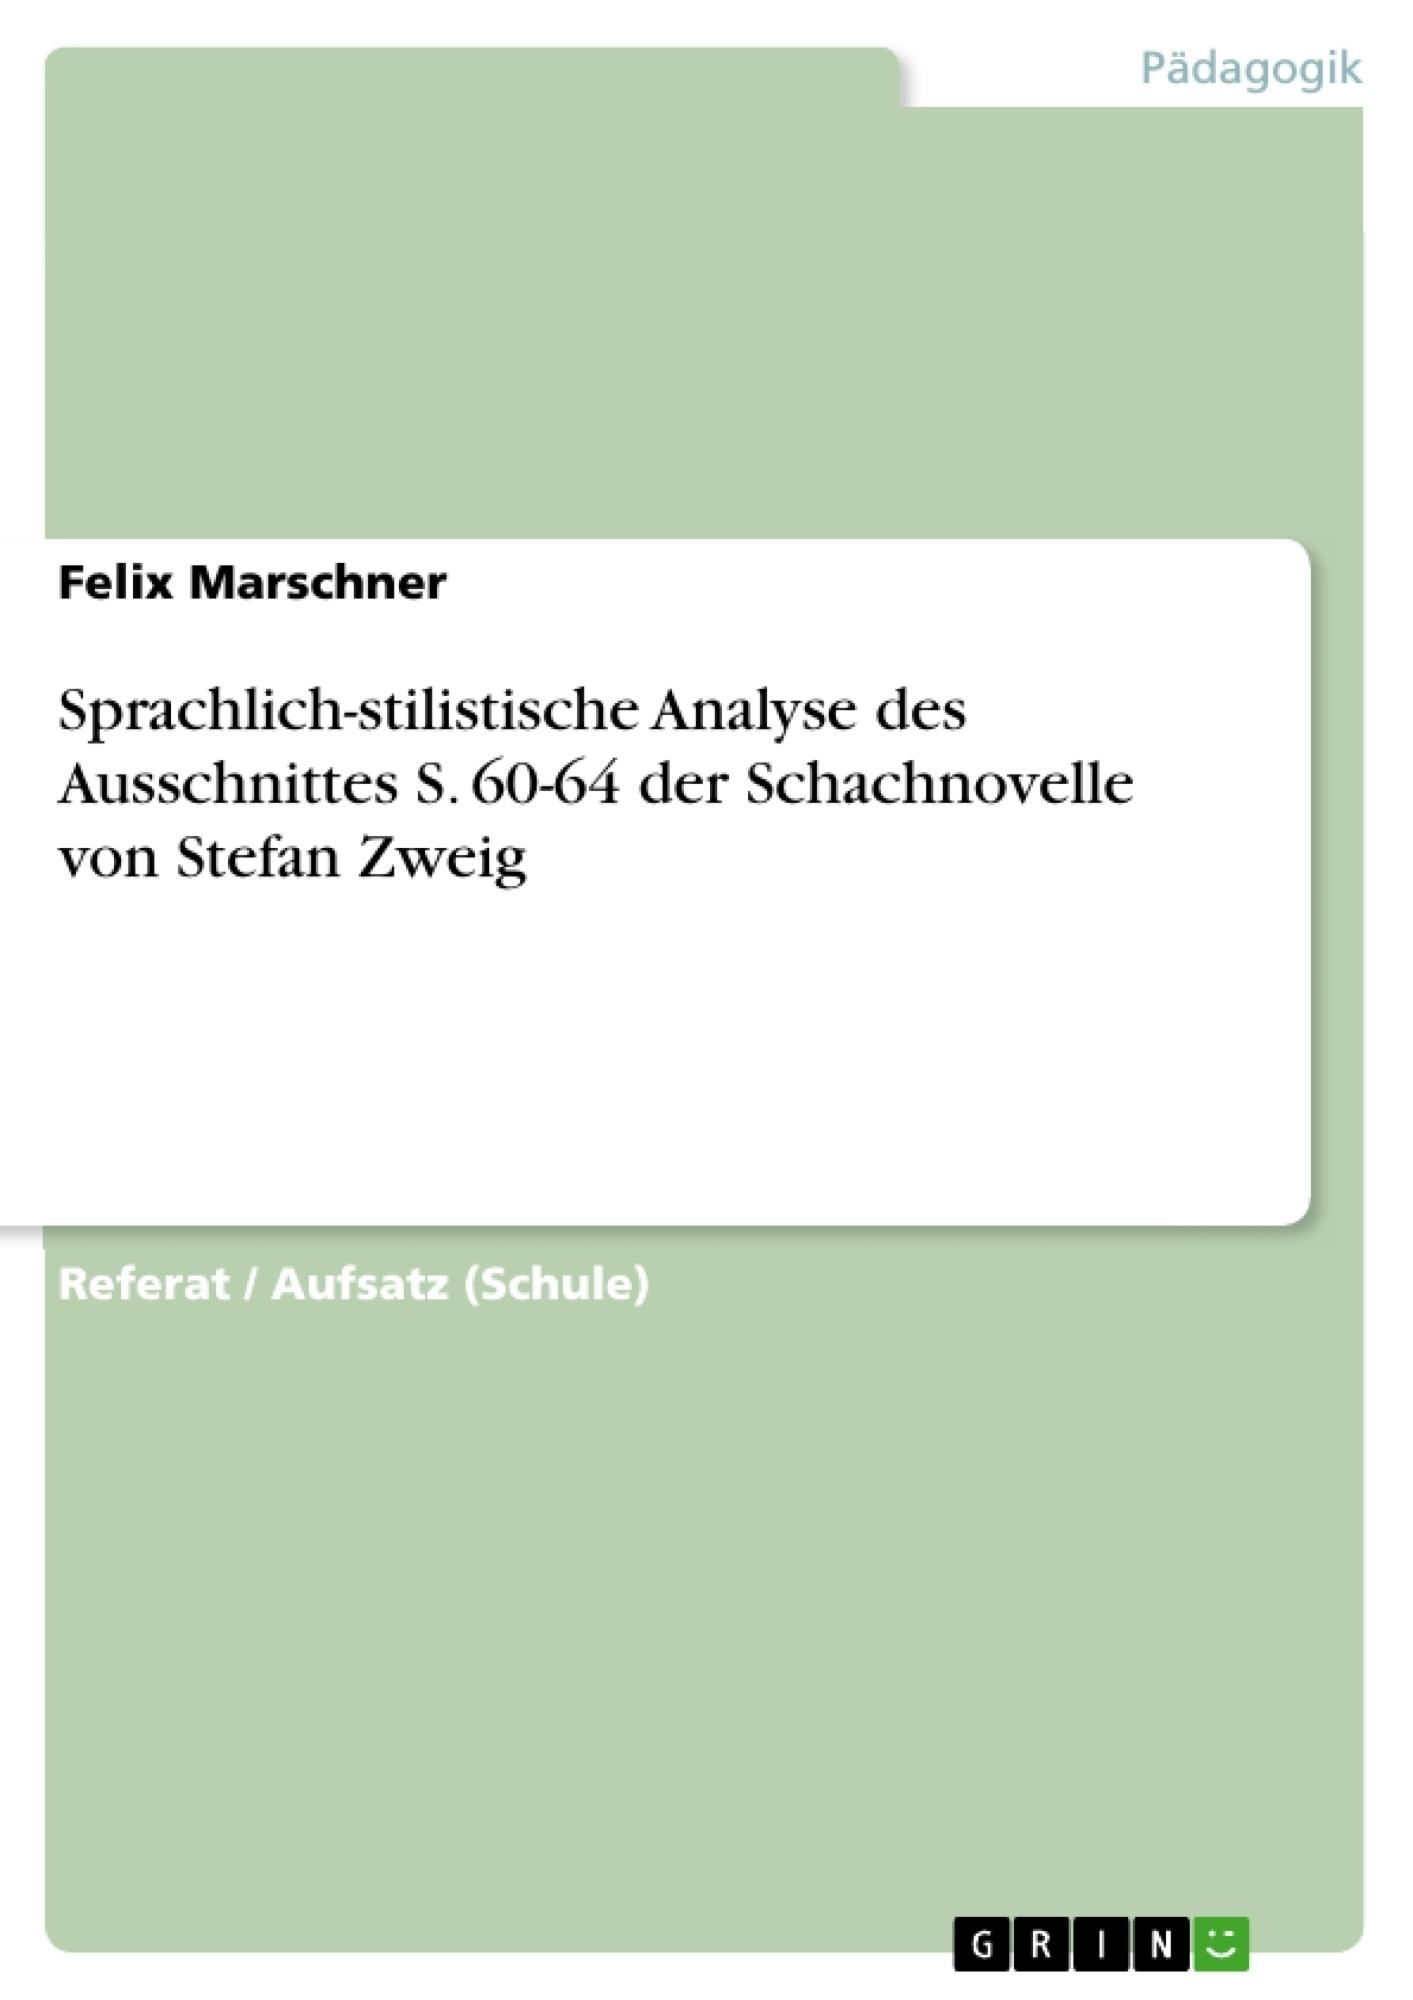 Titel: Sprachlich-stilistische Analyse des Ausschnittes S. 60-64 der Schachnovelle von Stefan Zweig